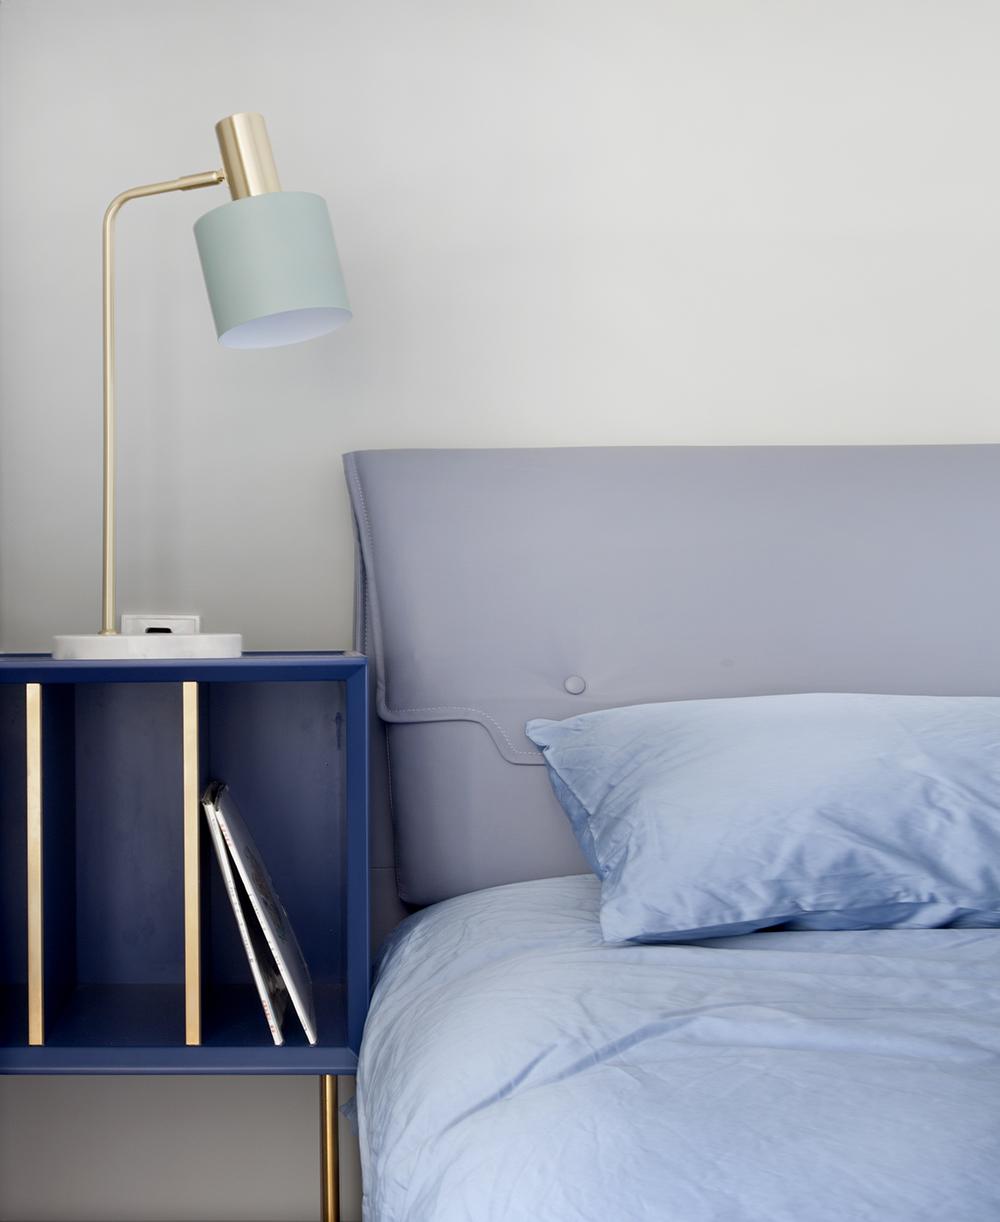 床头背景墙采用净色设计,尽显现代风格特色,蓝色床品让整个客厅空间充满雅致色彩。